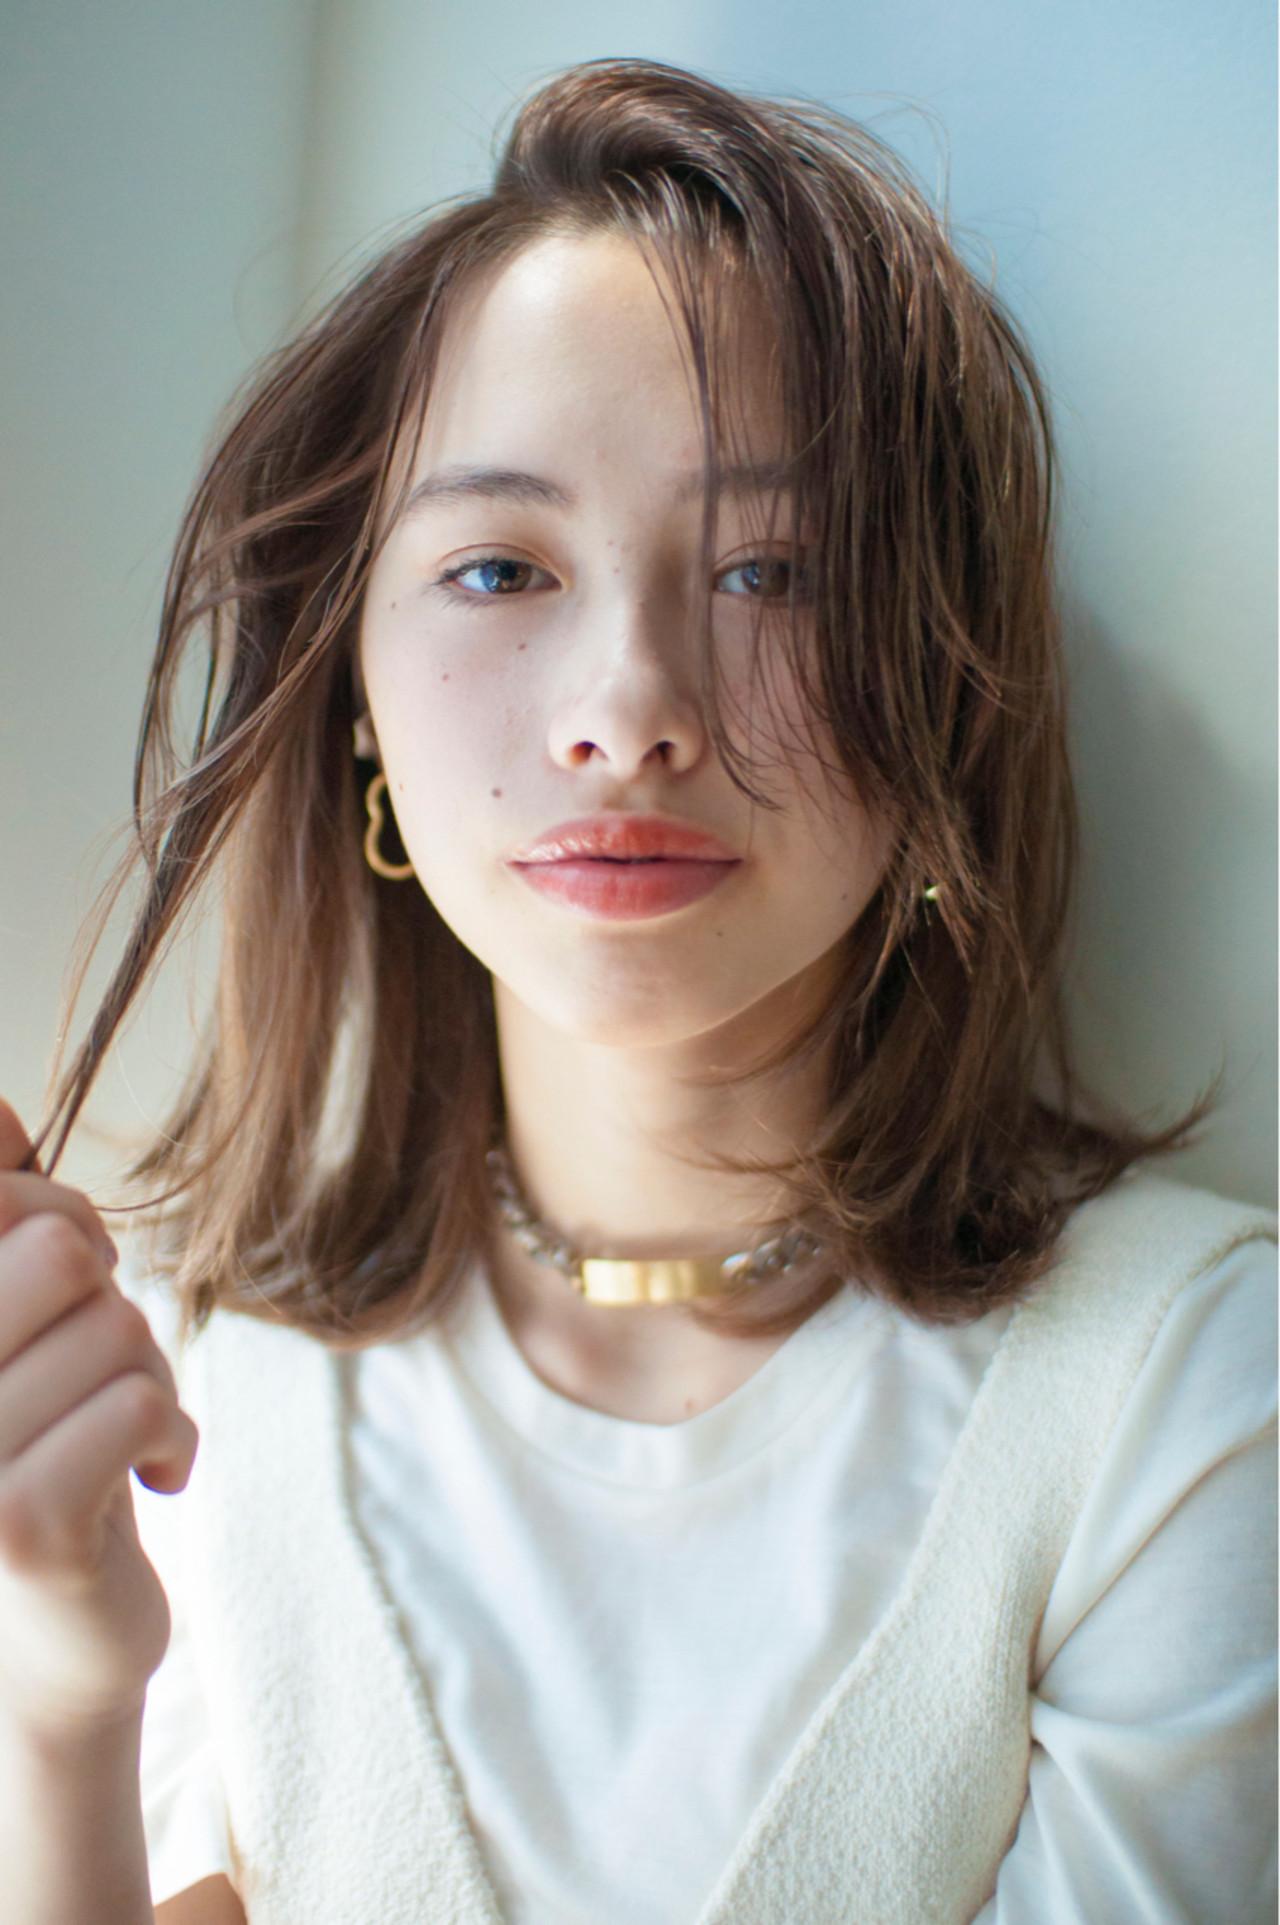 外国人のような無造作ミディアムヘア YUKINA / HOMIE TOKYO | HOMIE TOKYO